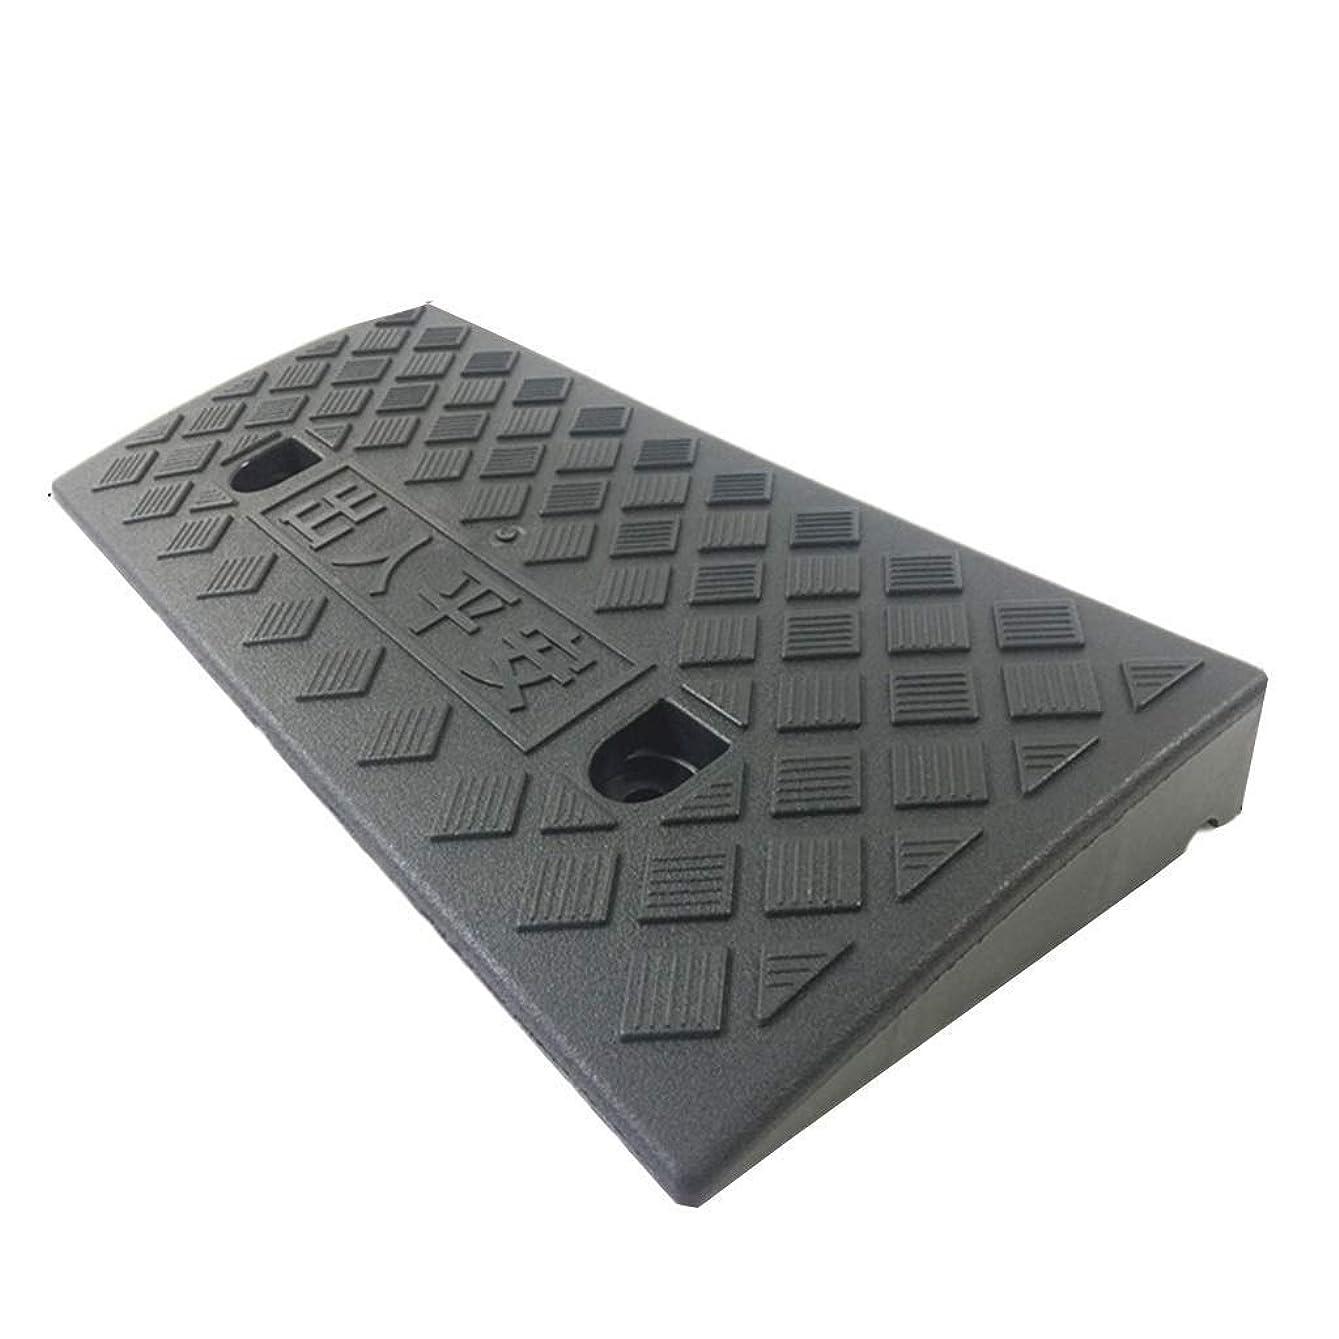 ドロー確認穏やかなプラスチック製縁石縁石スロープ、車椅子車車バイクバイクボートトレーラーの駐車支援のためのポータブルドライブウェイエッジスロープの高5センチメートルアシスト (Color : Black)